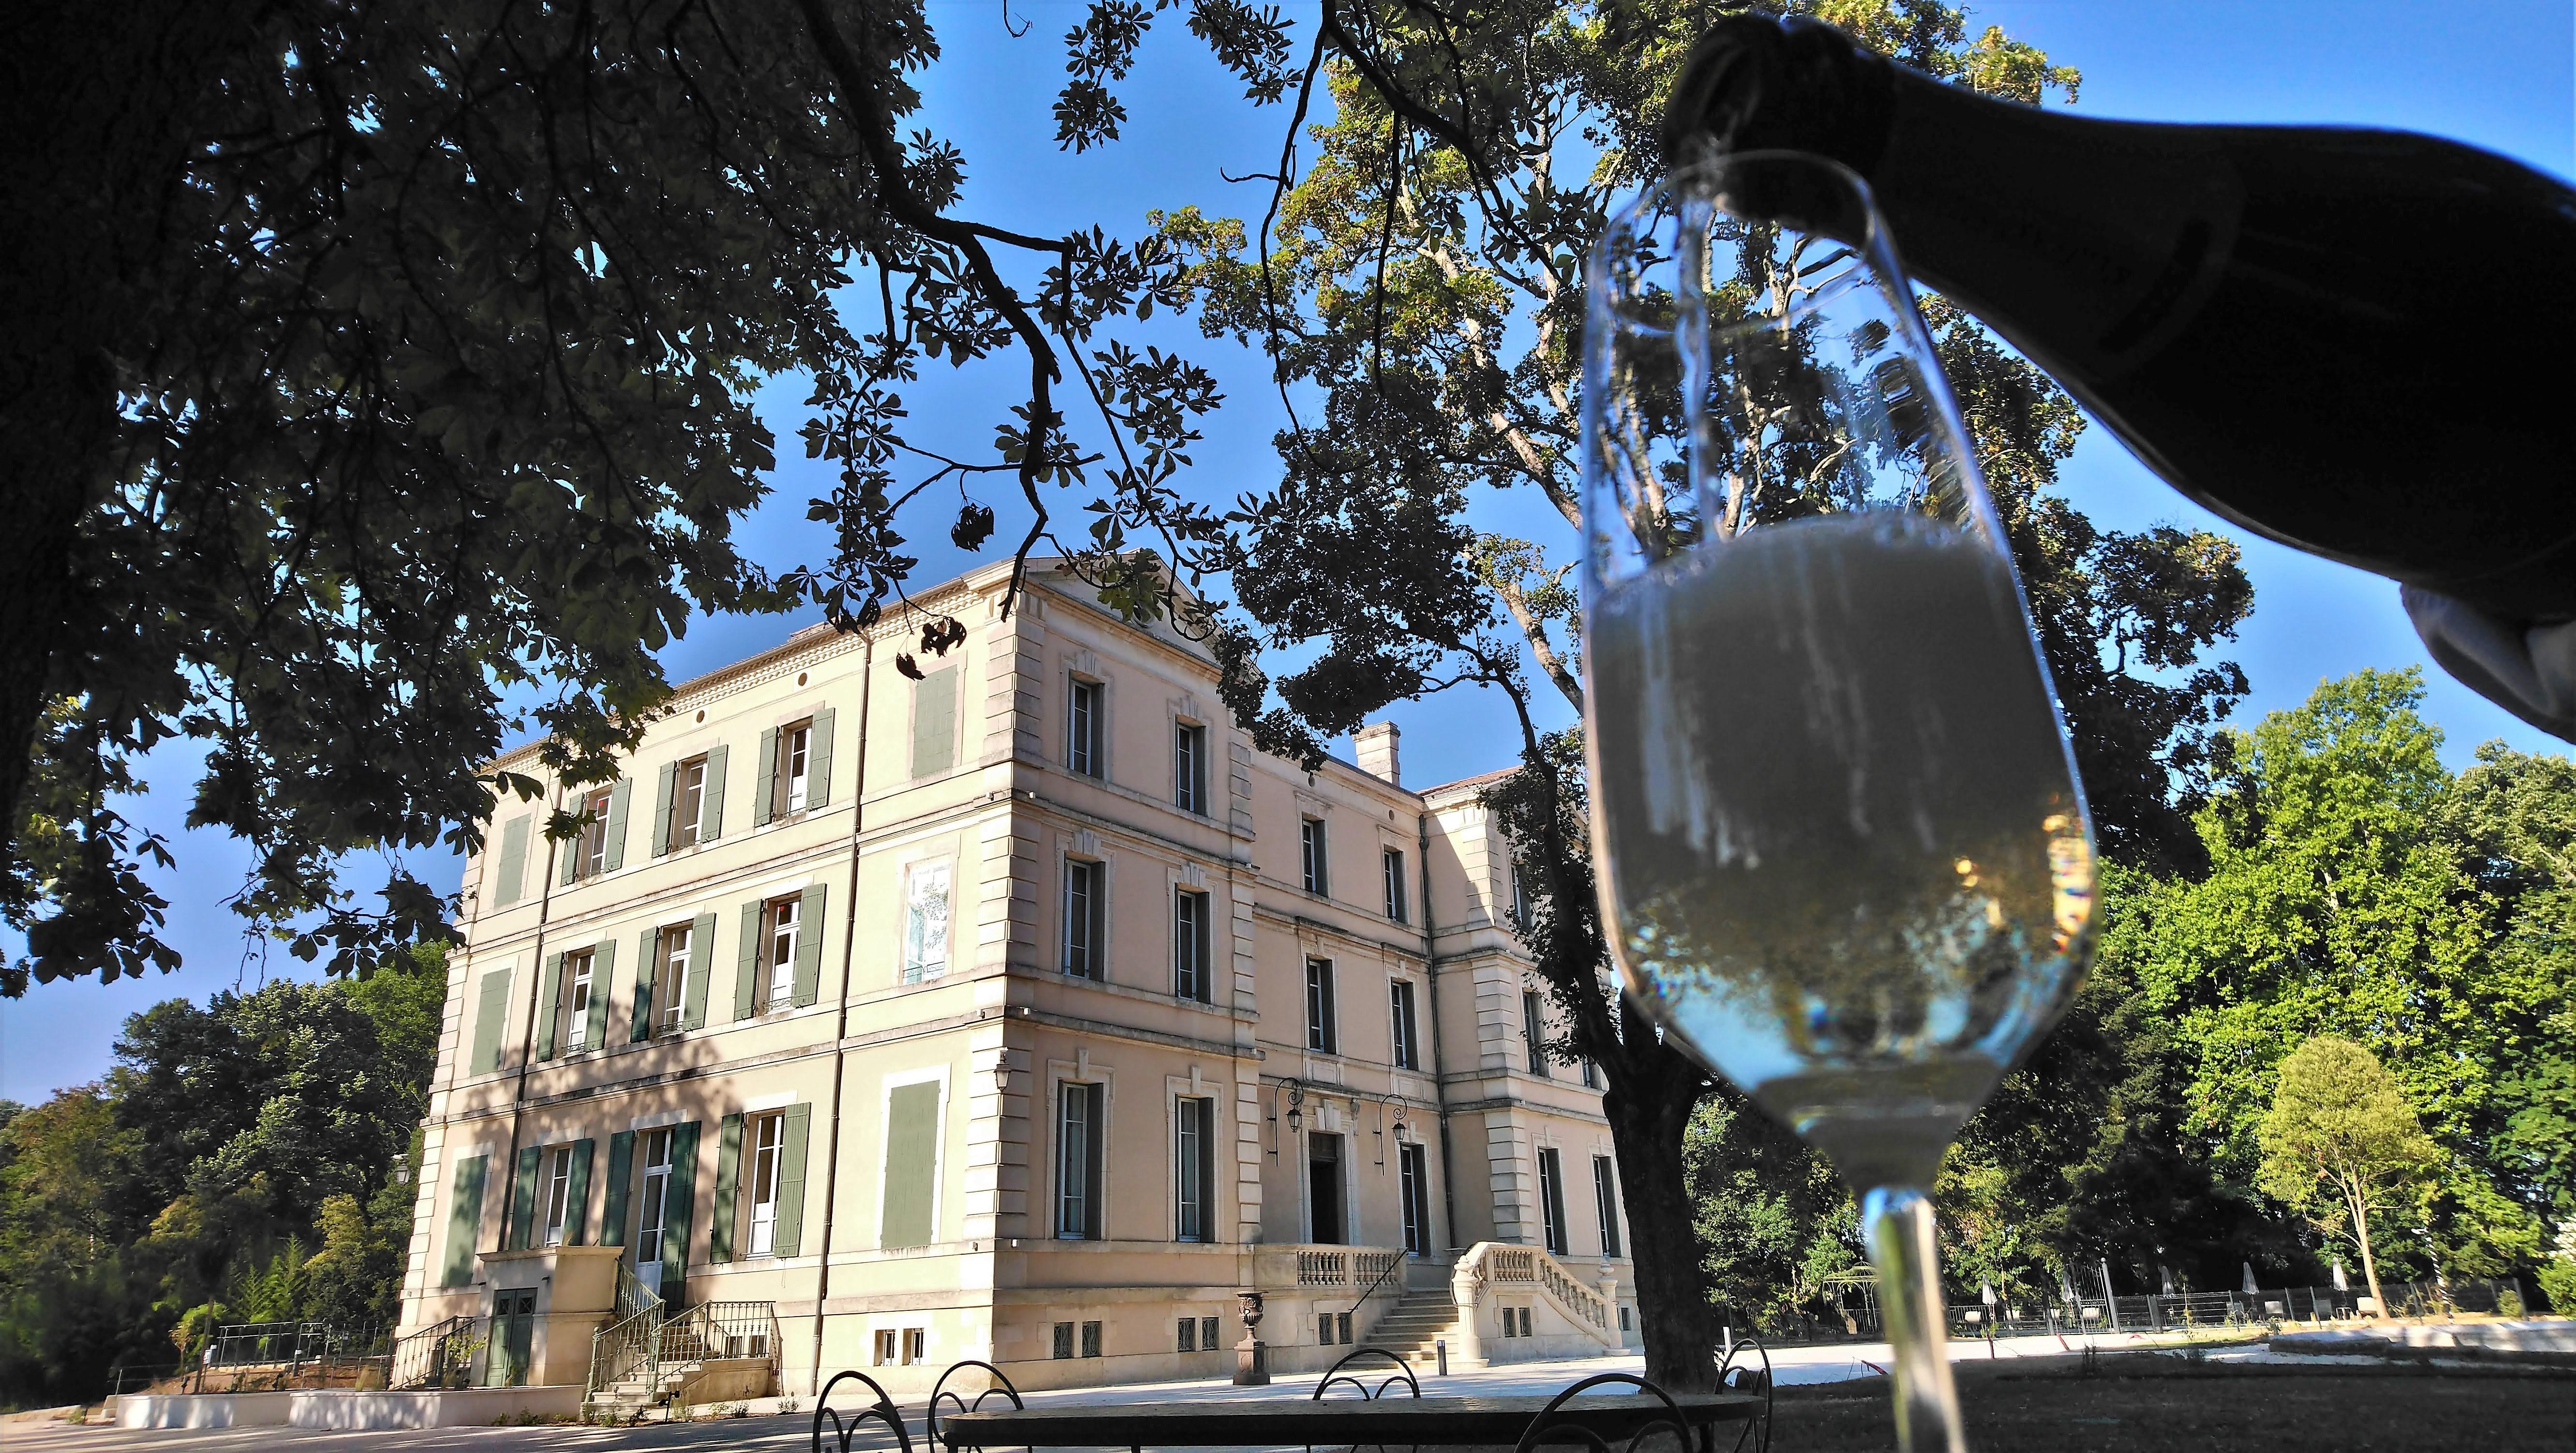 Le 17 juillet 2018, le Château de Montcaud a reouvert ses portes.